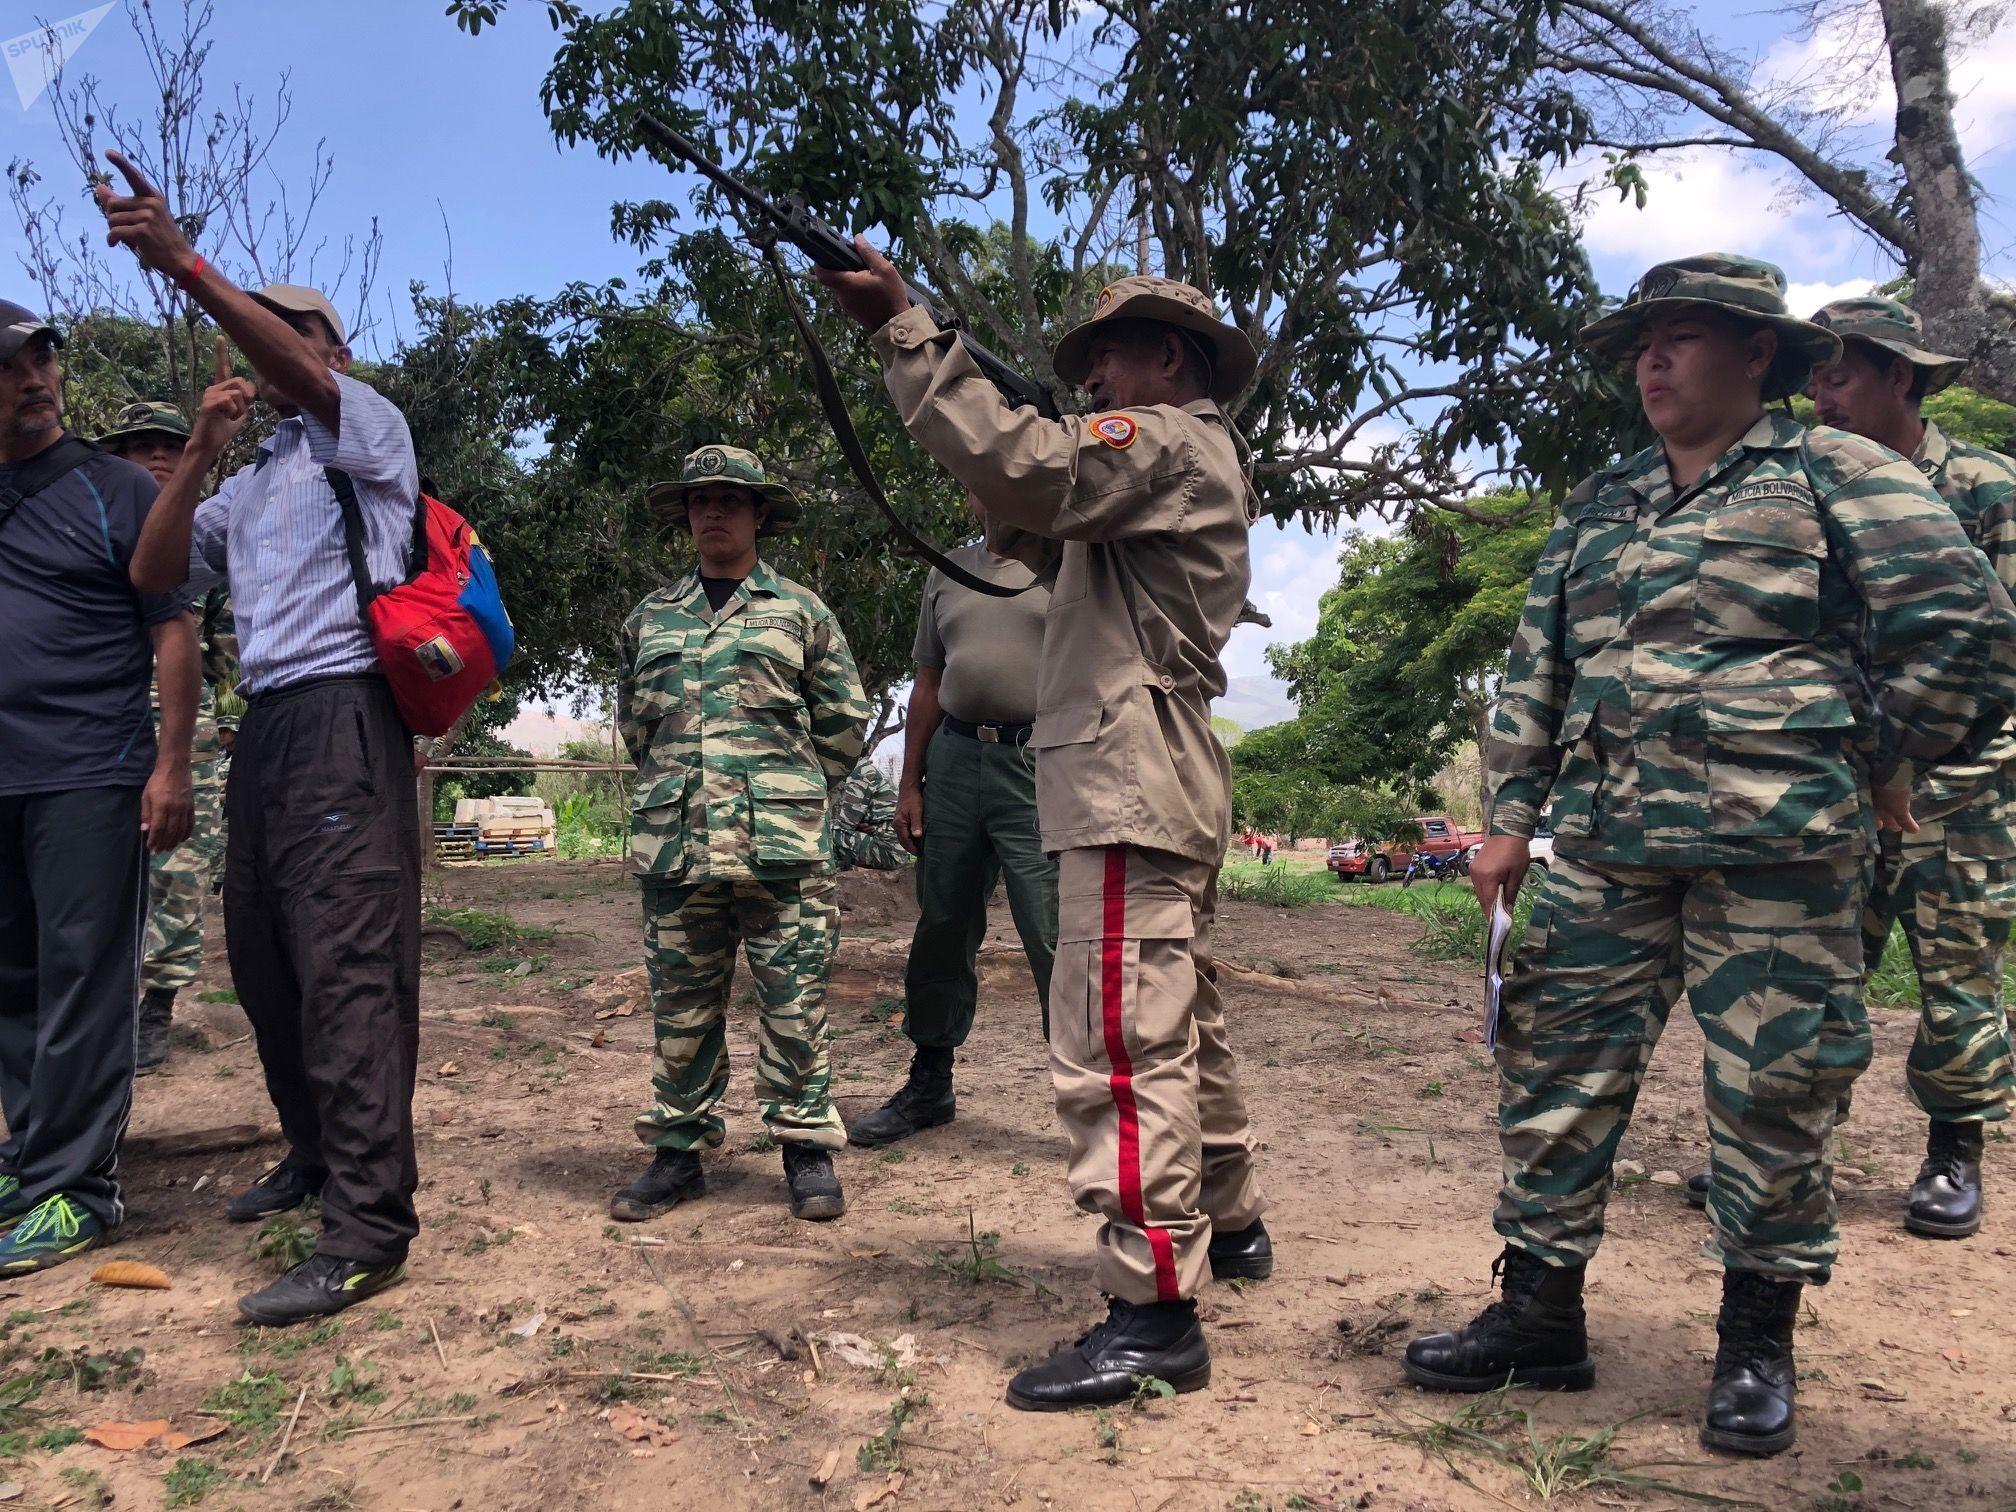 Los civiles que reciben entrenamiento en el Método Táctico de Resistencia Revolucionaria aprenden a armar y disparar misiles FAL